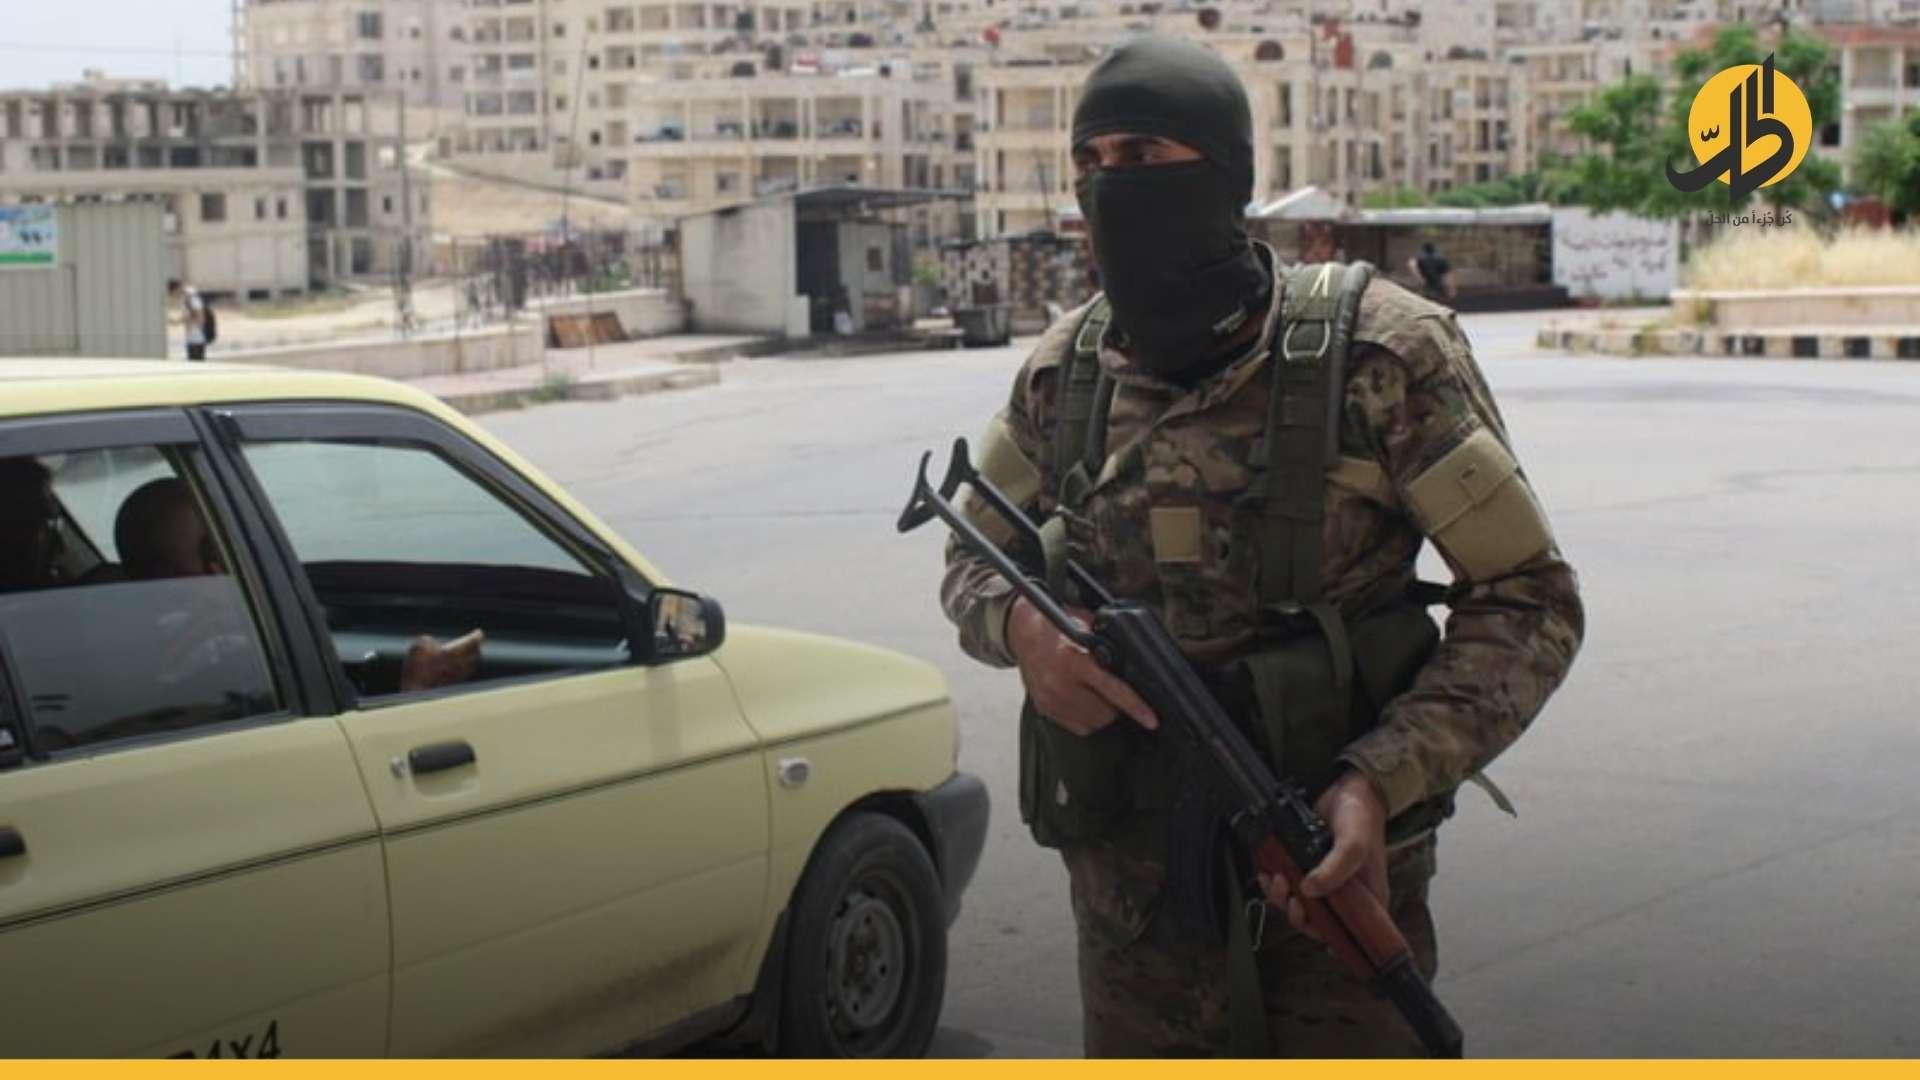 «تحرير الشام» تطلق الرَّصاص على ناشط لمنعه من التغطية الإعلامية